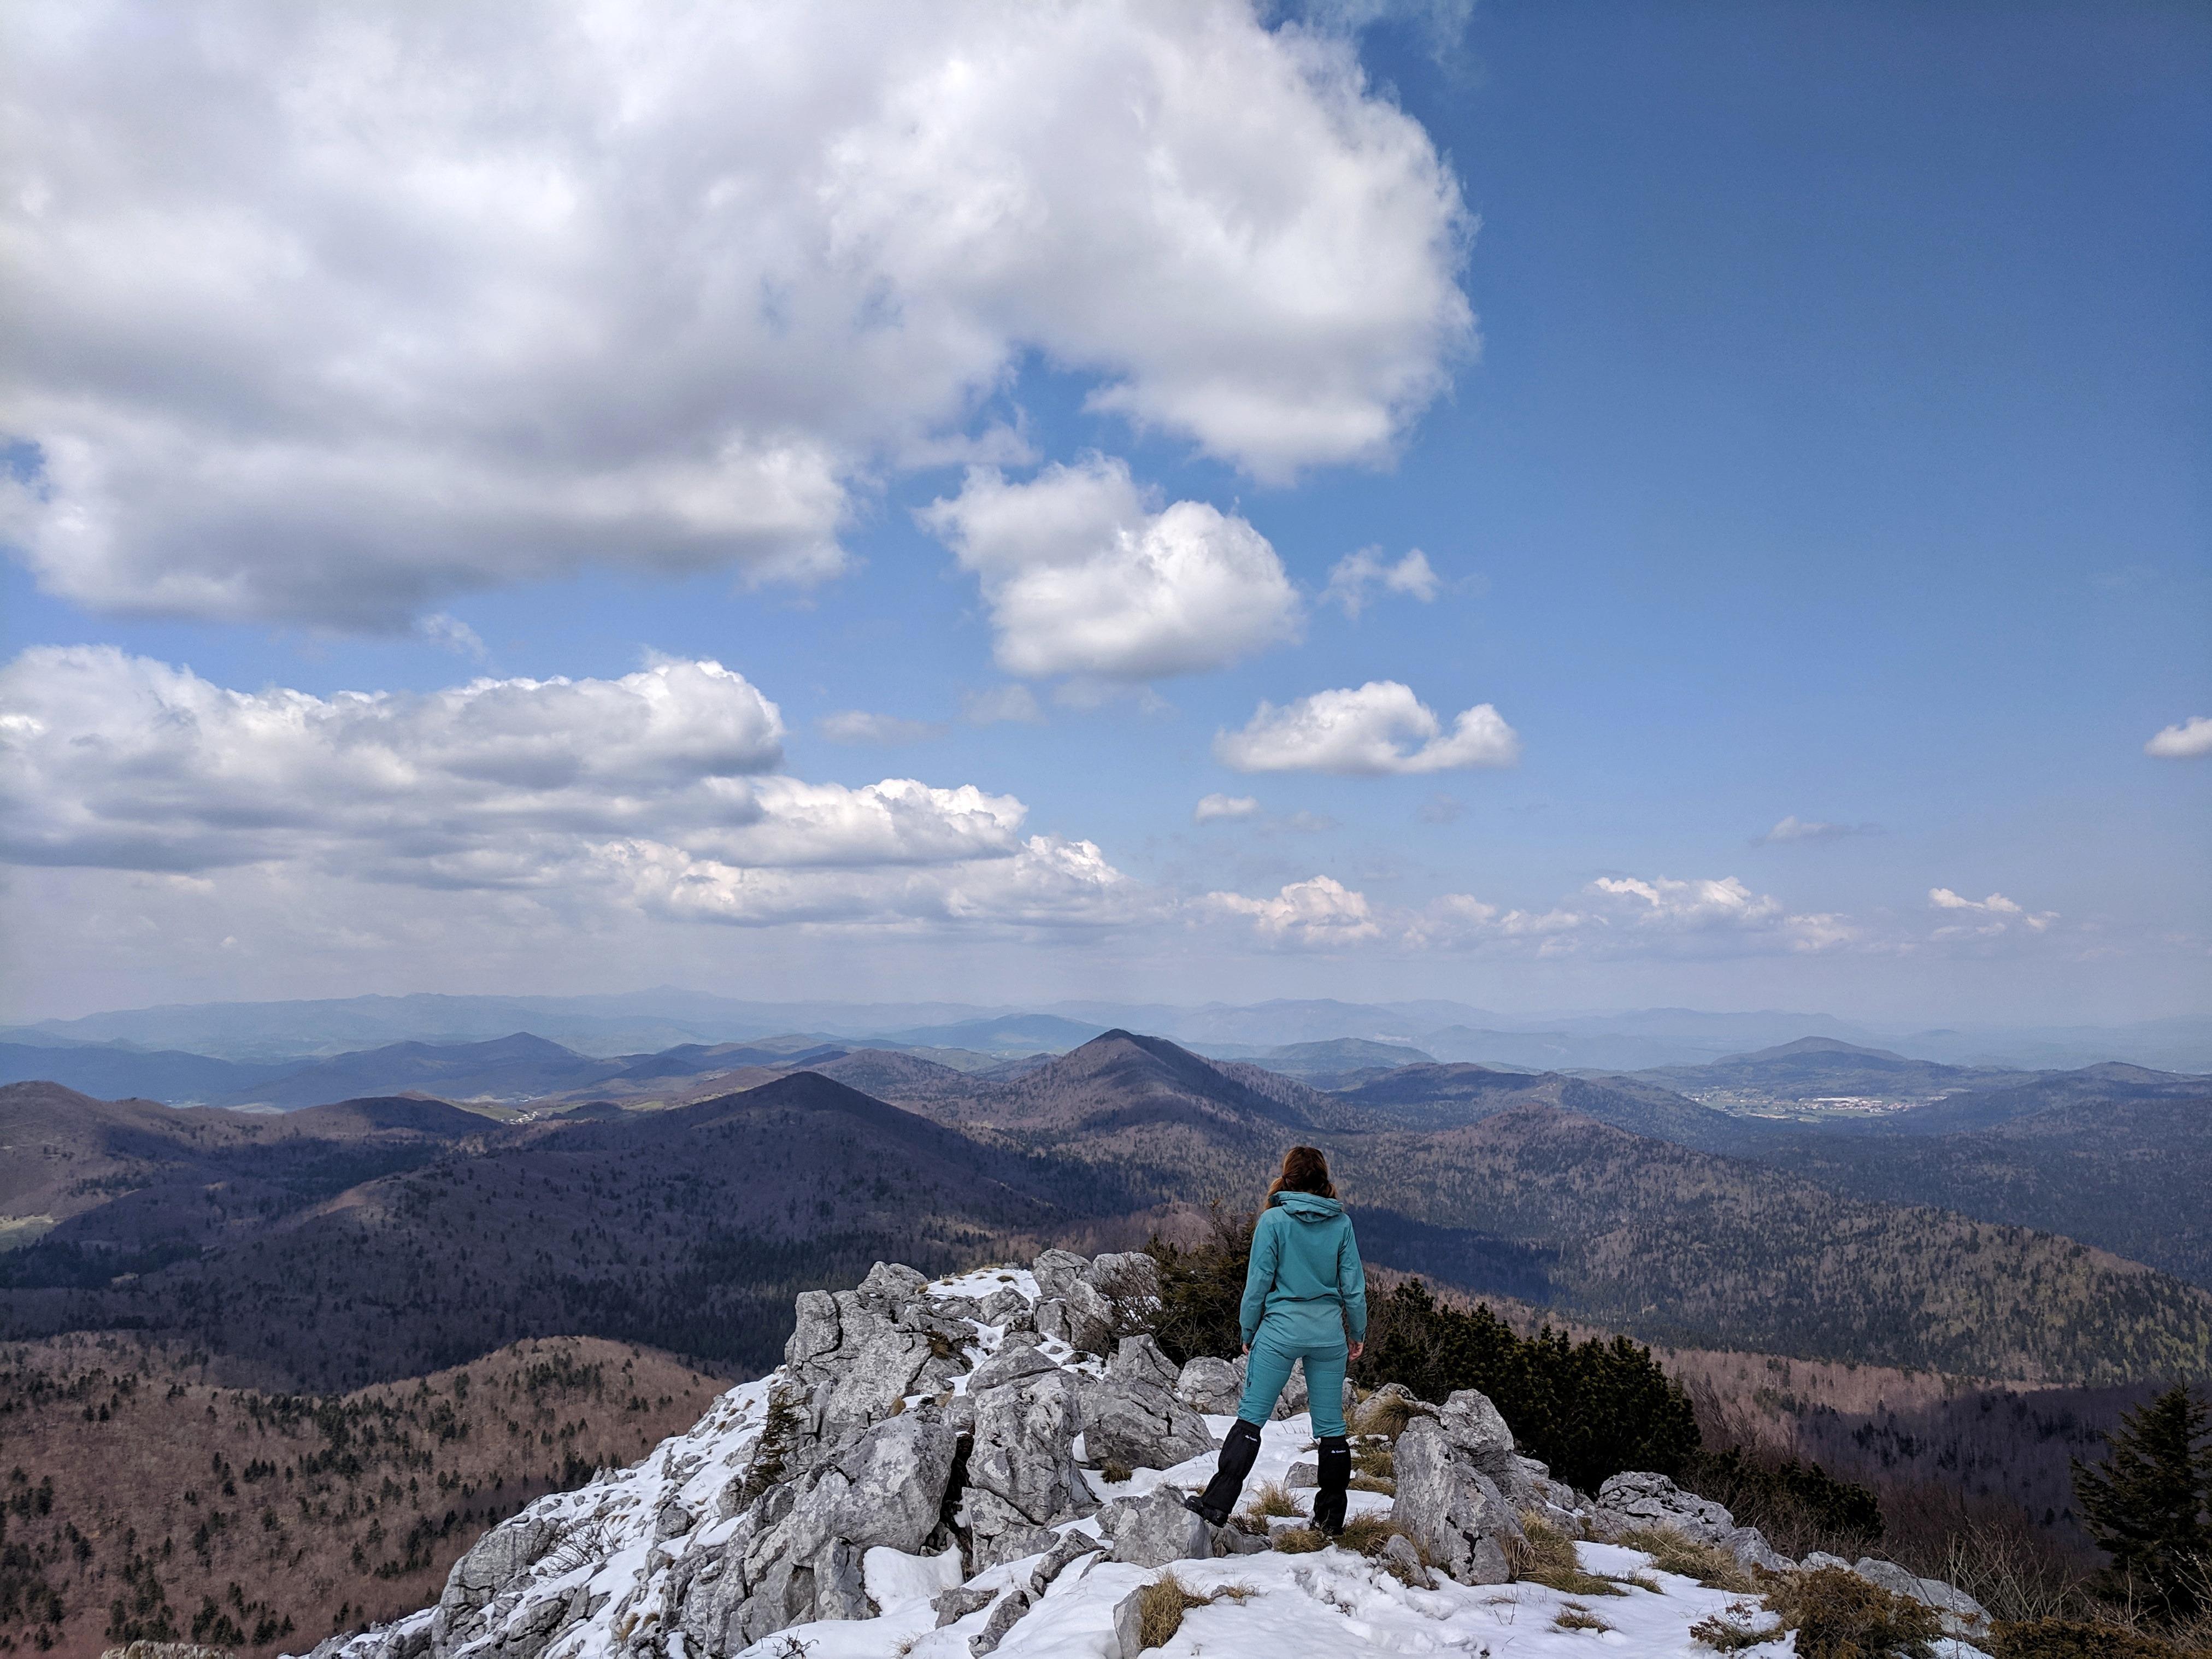 Tražiš vrh čiji pogled oduzima dah? Uputi se na Kulu, najviši vrh Bjelolasice.